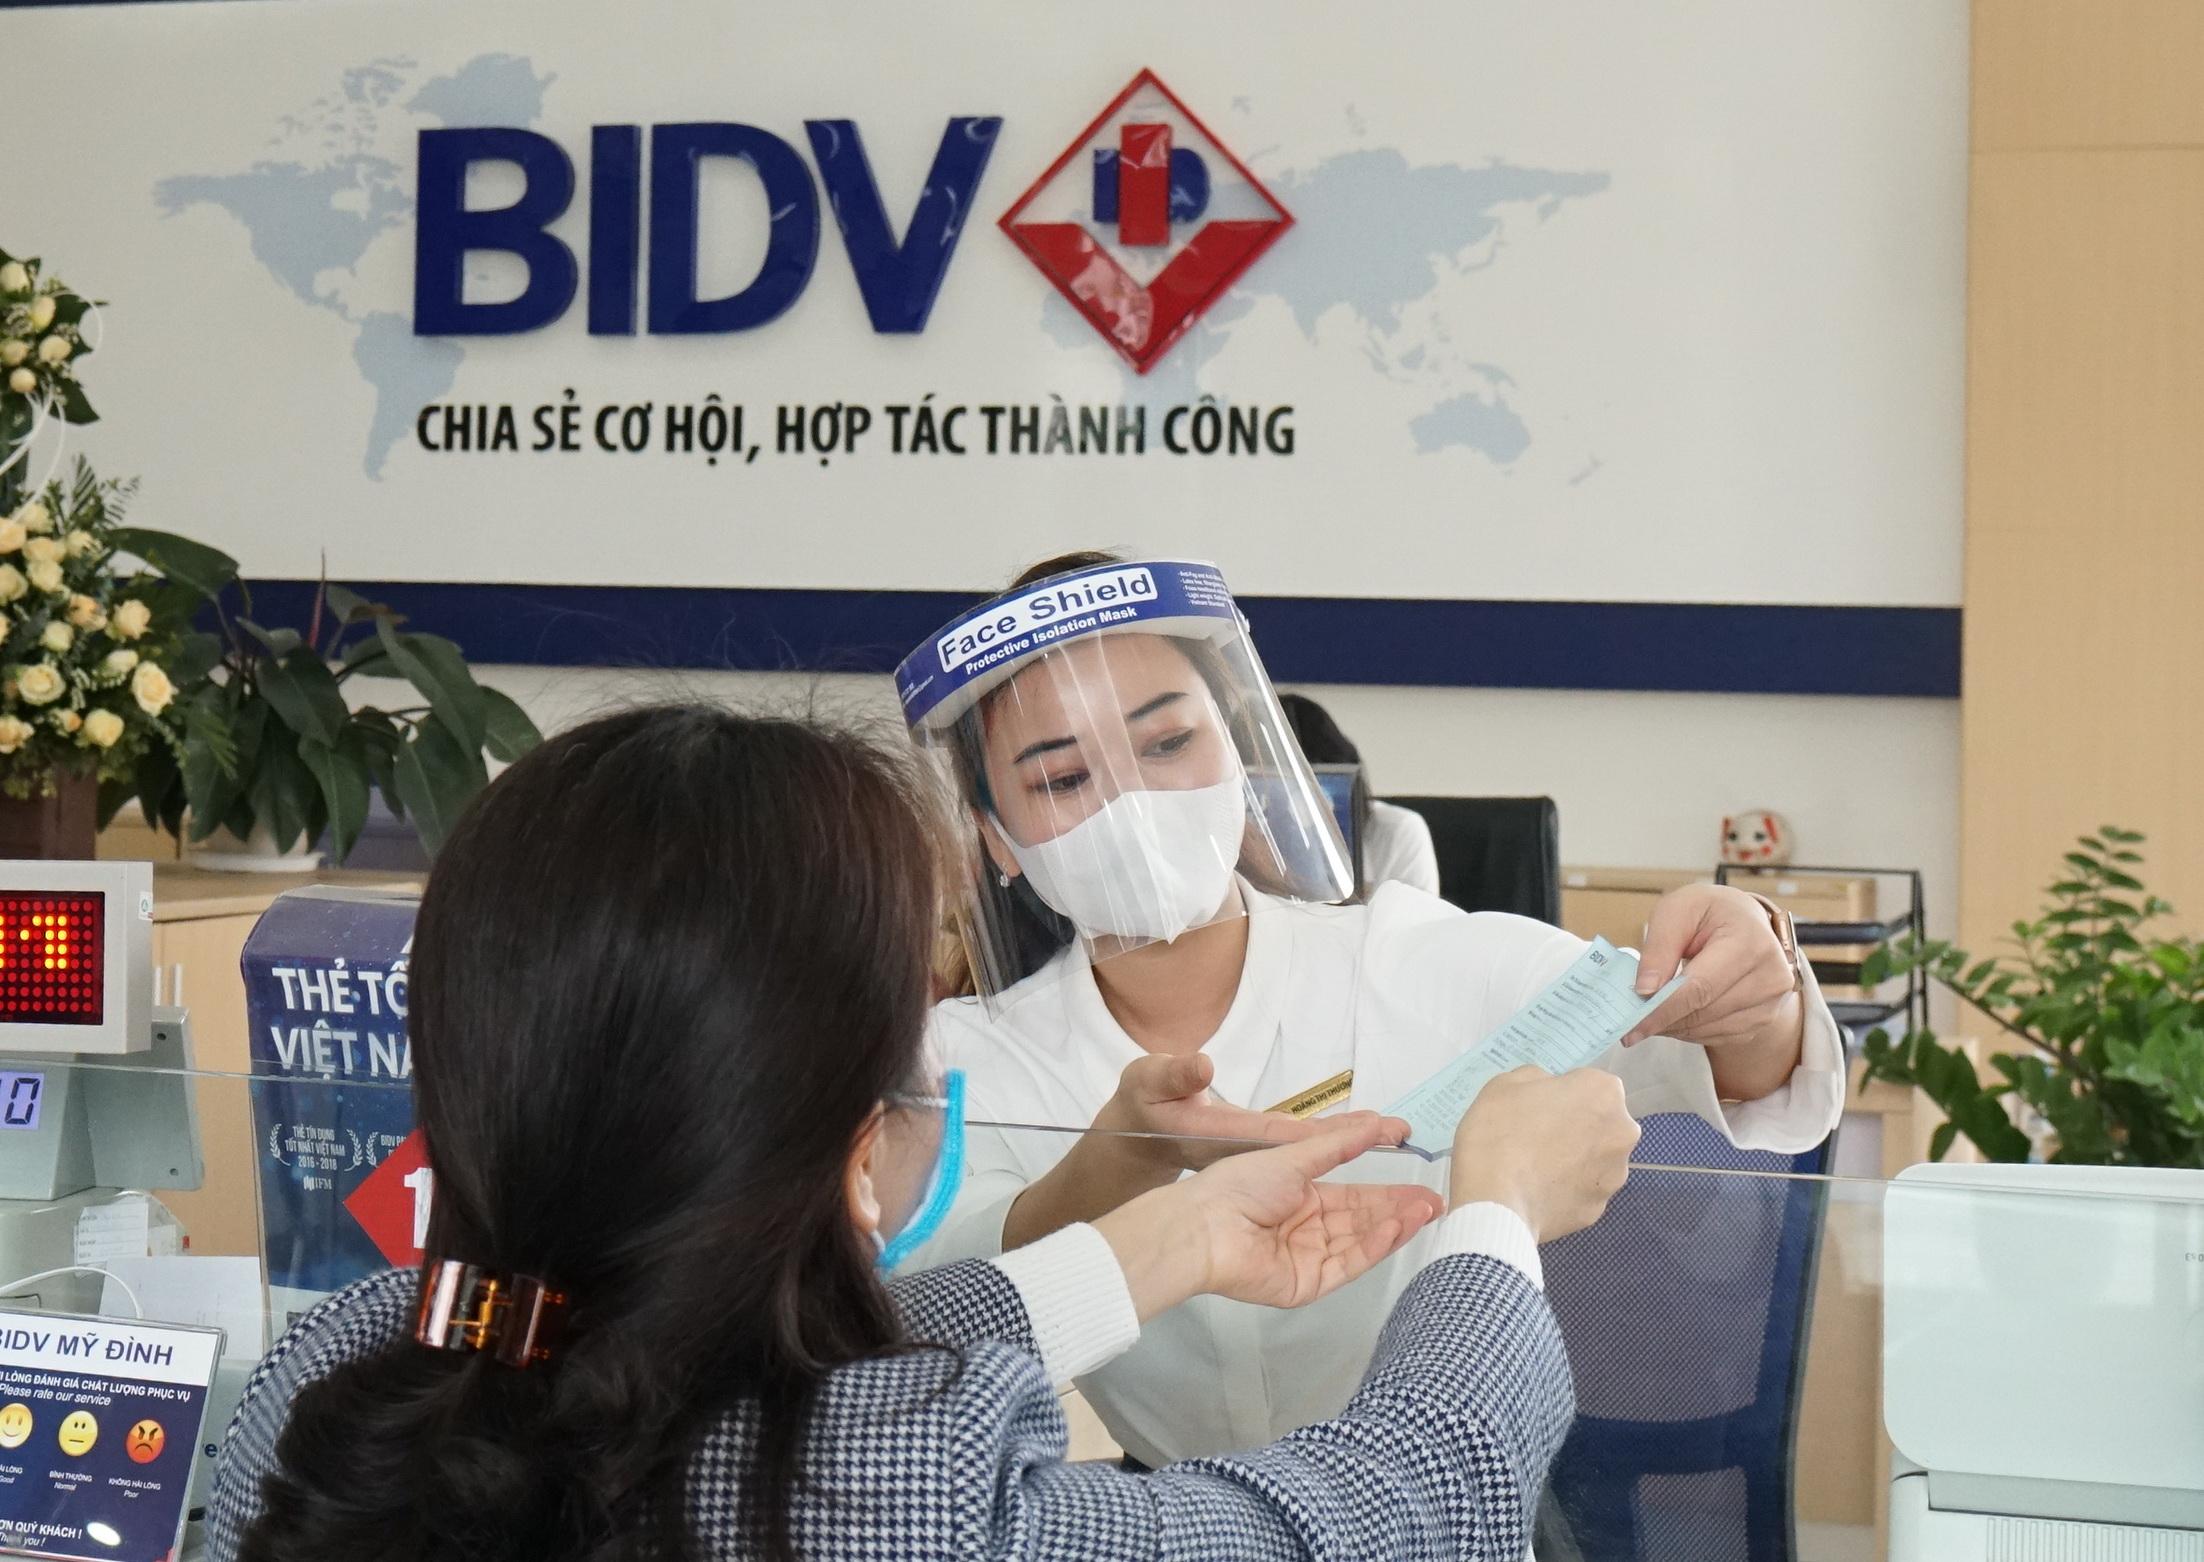 Nhân viên BIDV hướng dẫn khách hàng tới giáo dịch. Ảnh: BIDV